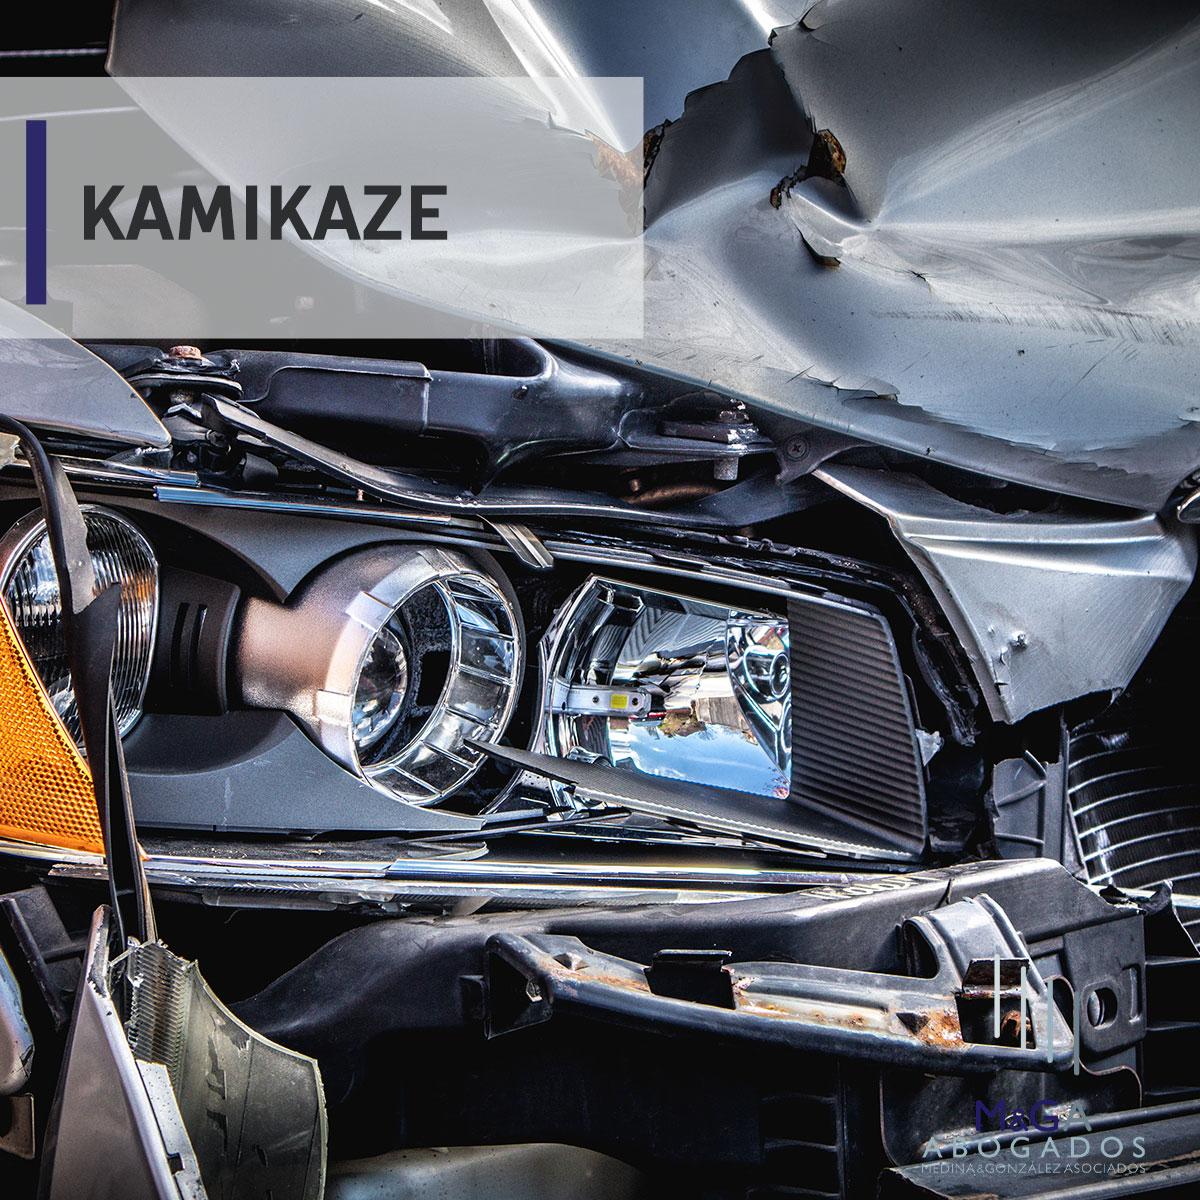 Piden 20 años de cárcel para un 'kamikaze' que mató a un joven